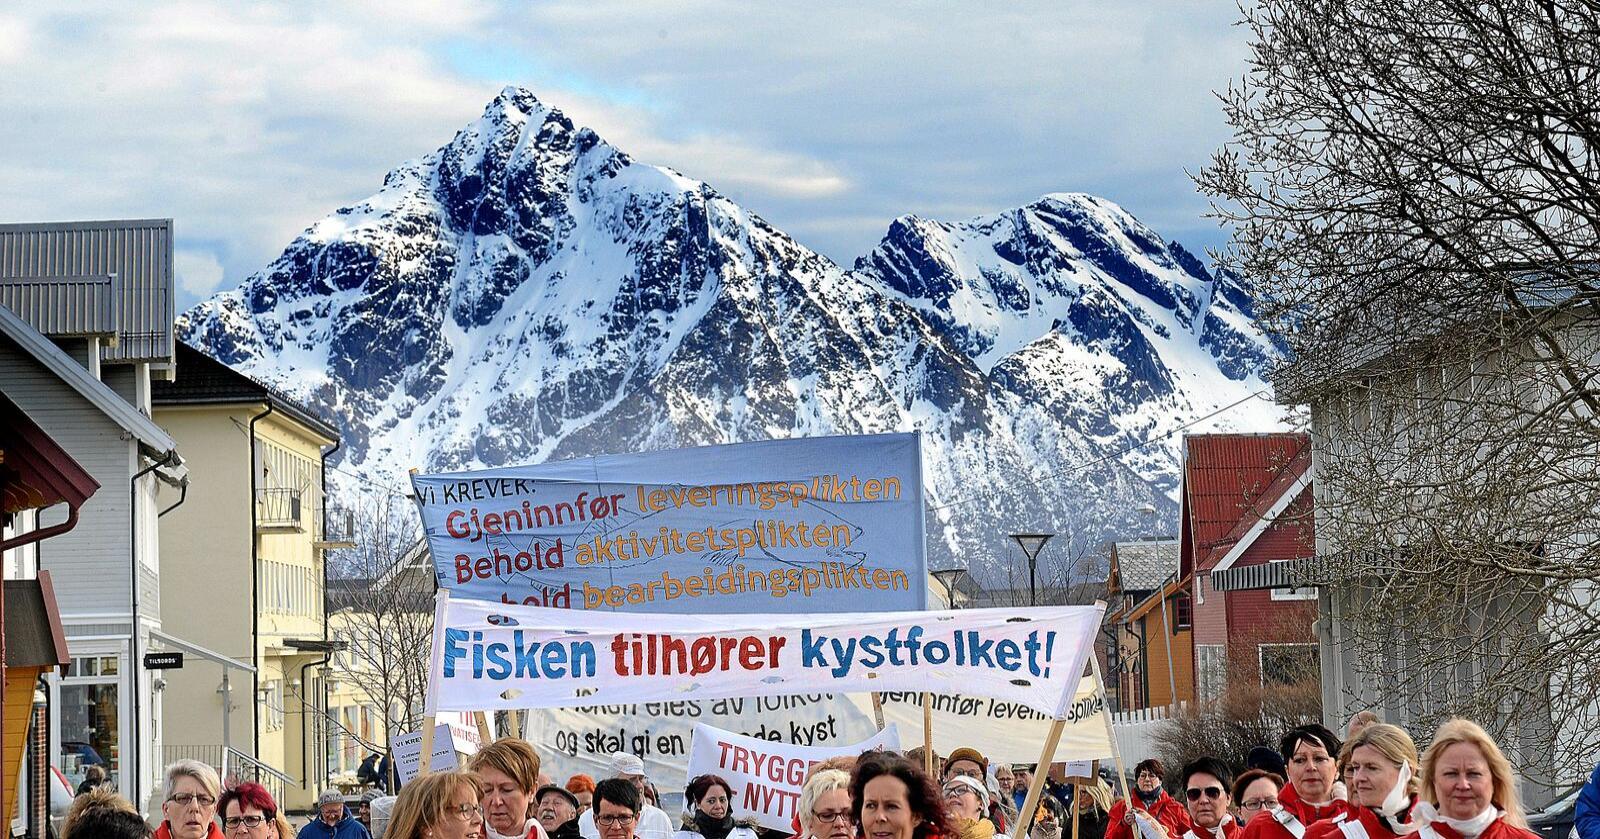 Demonstrasjon: Hva skjer når fisken ikke lenger eies av fellesskapet, men av investorer? Bildet er fra en demonstrasjon i Melbu, Vesterålen, i 2017. Foto: Siri Juell Rasmussen